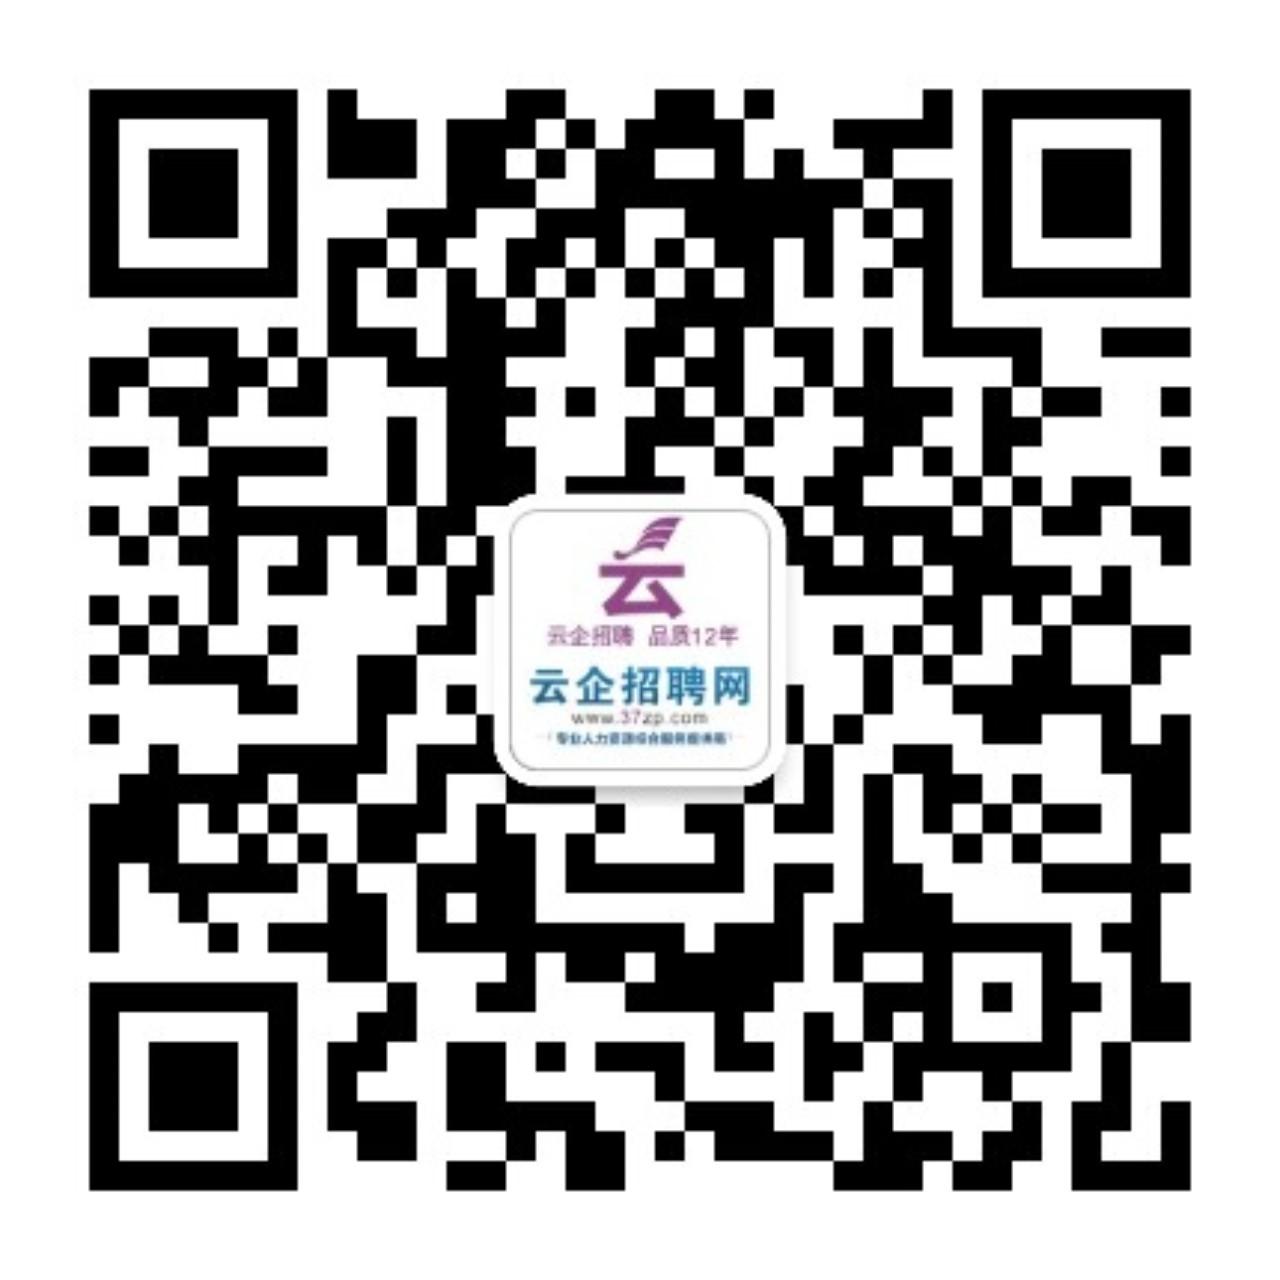 云企招聘网服务号